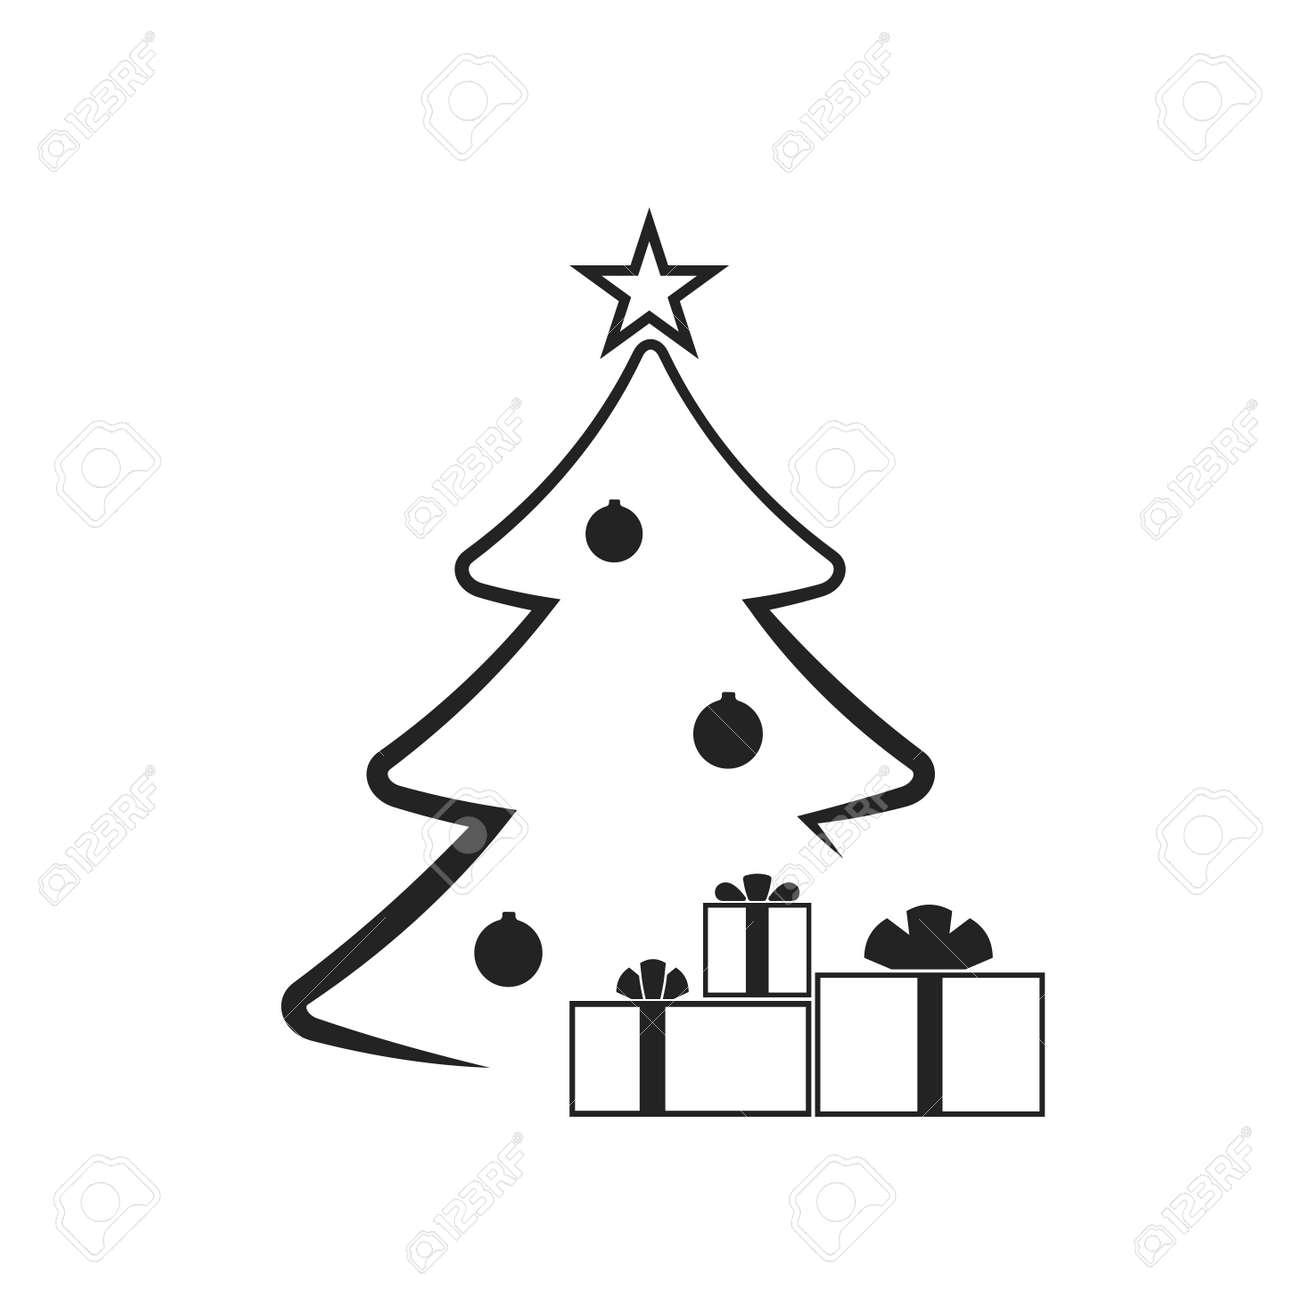 Sterne Für Weihnachtsbaum.Stock Photo